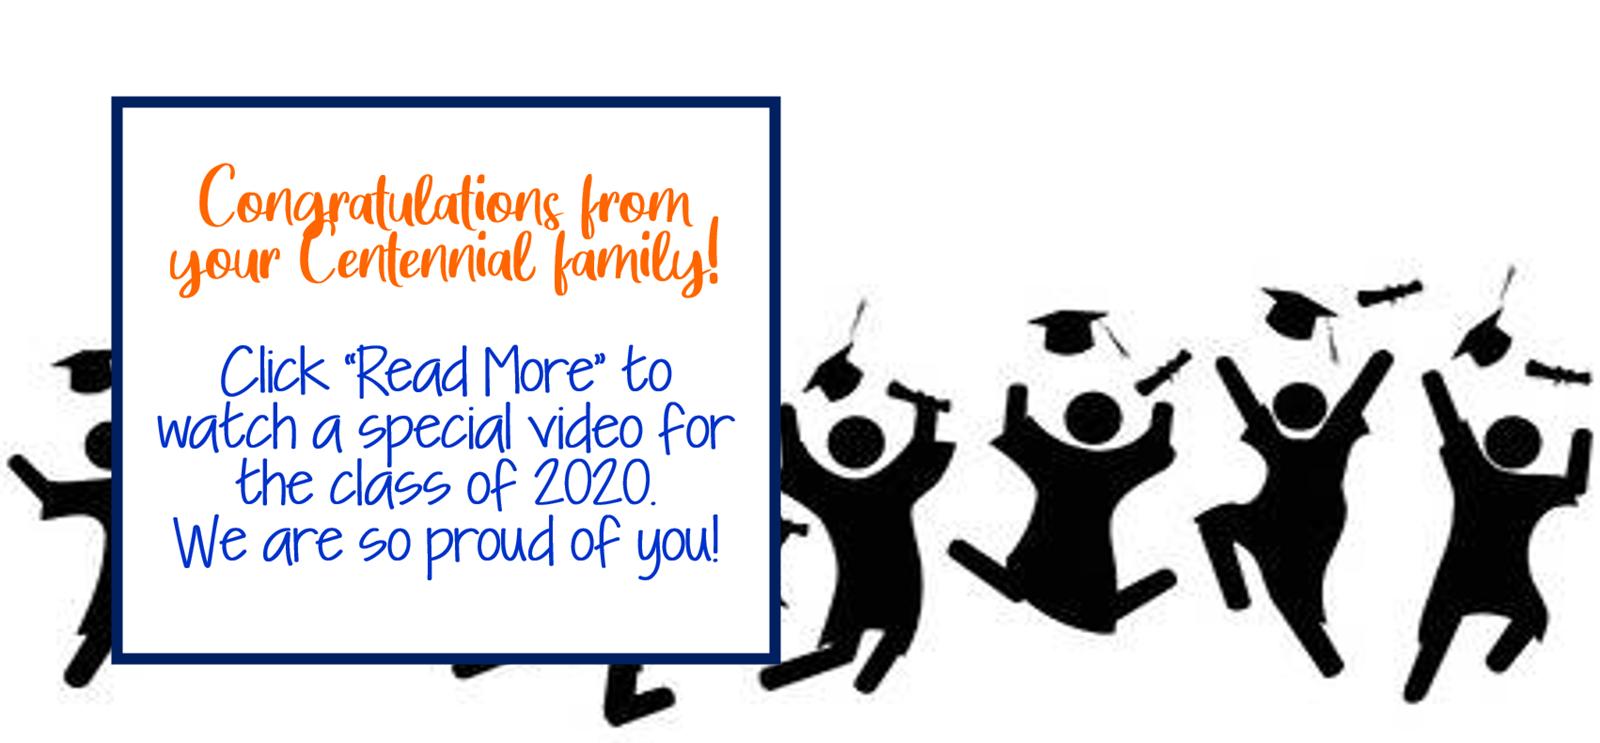 Congrats c/o 2020!